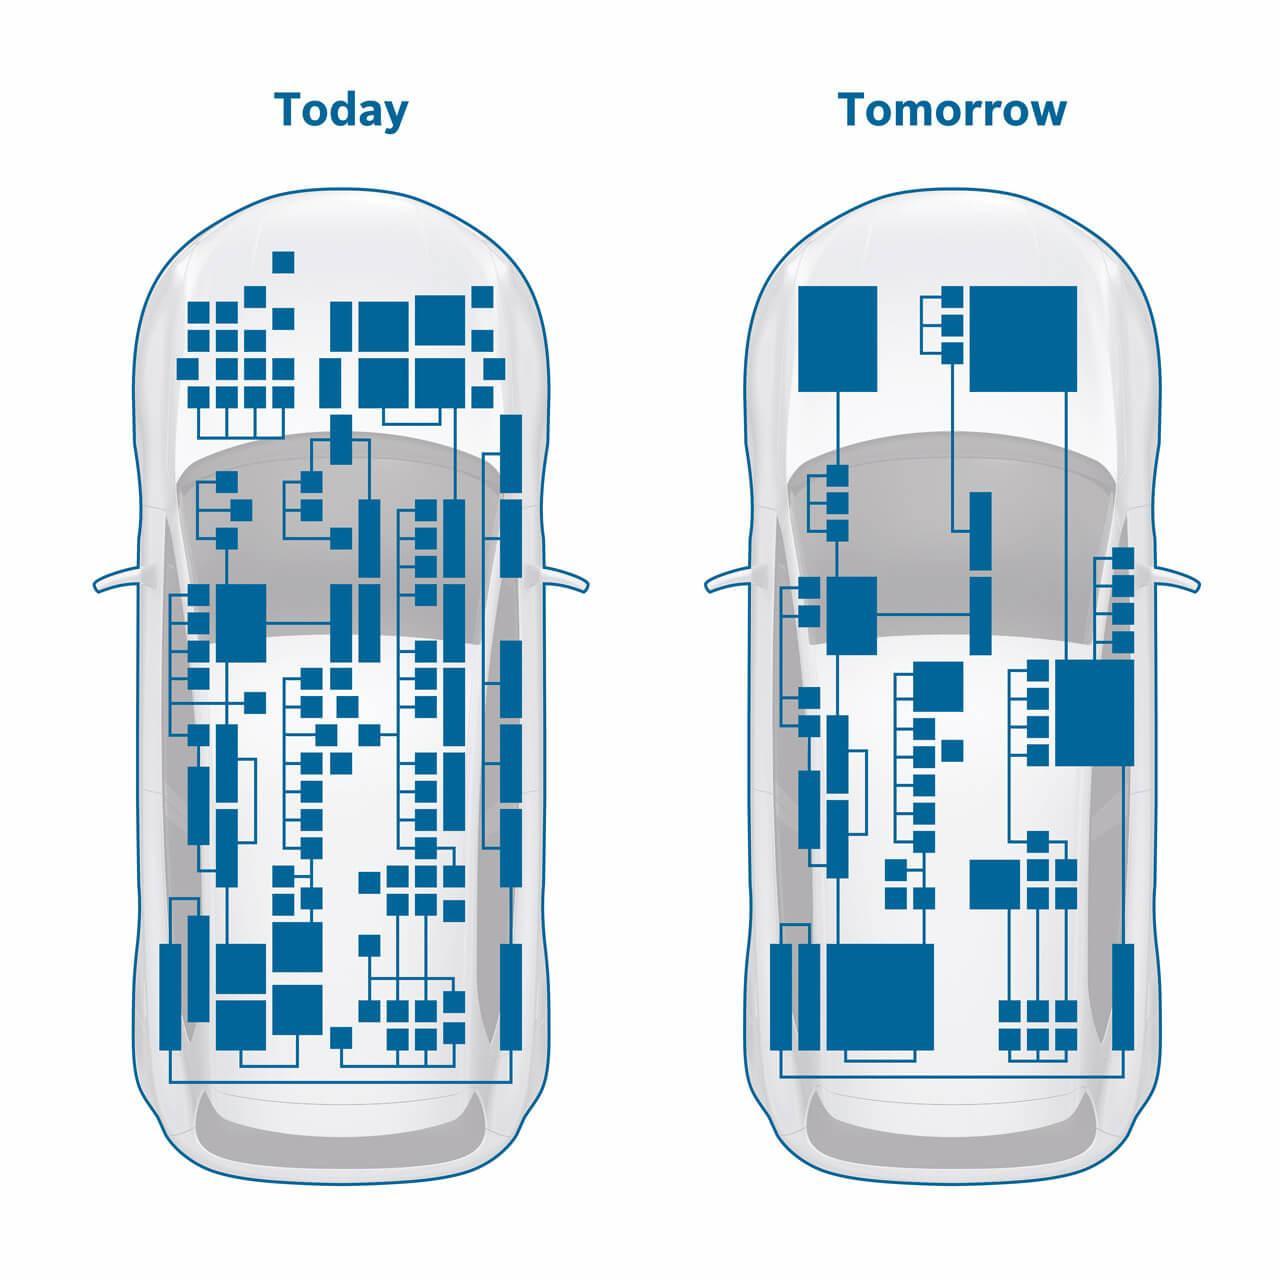 Jól látható a különbség a ma és a holnap autója között a fedélzeti elektronika bonyolultságát tekintve